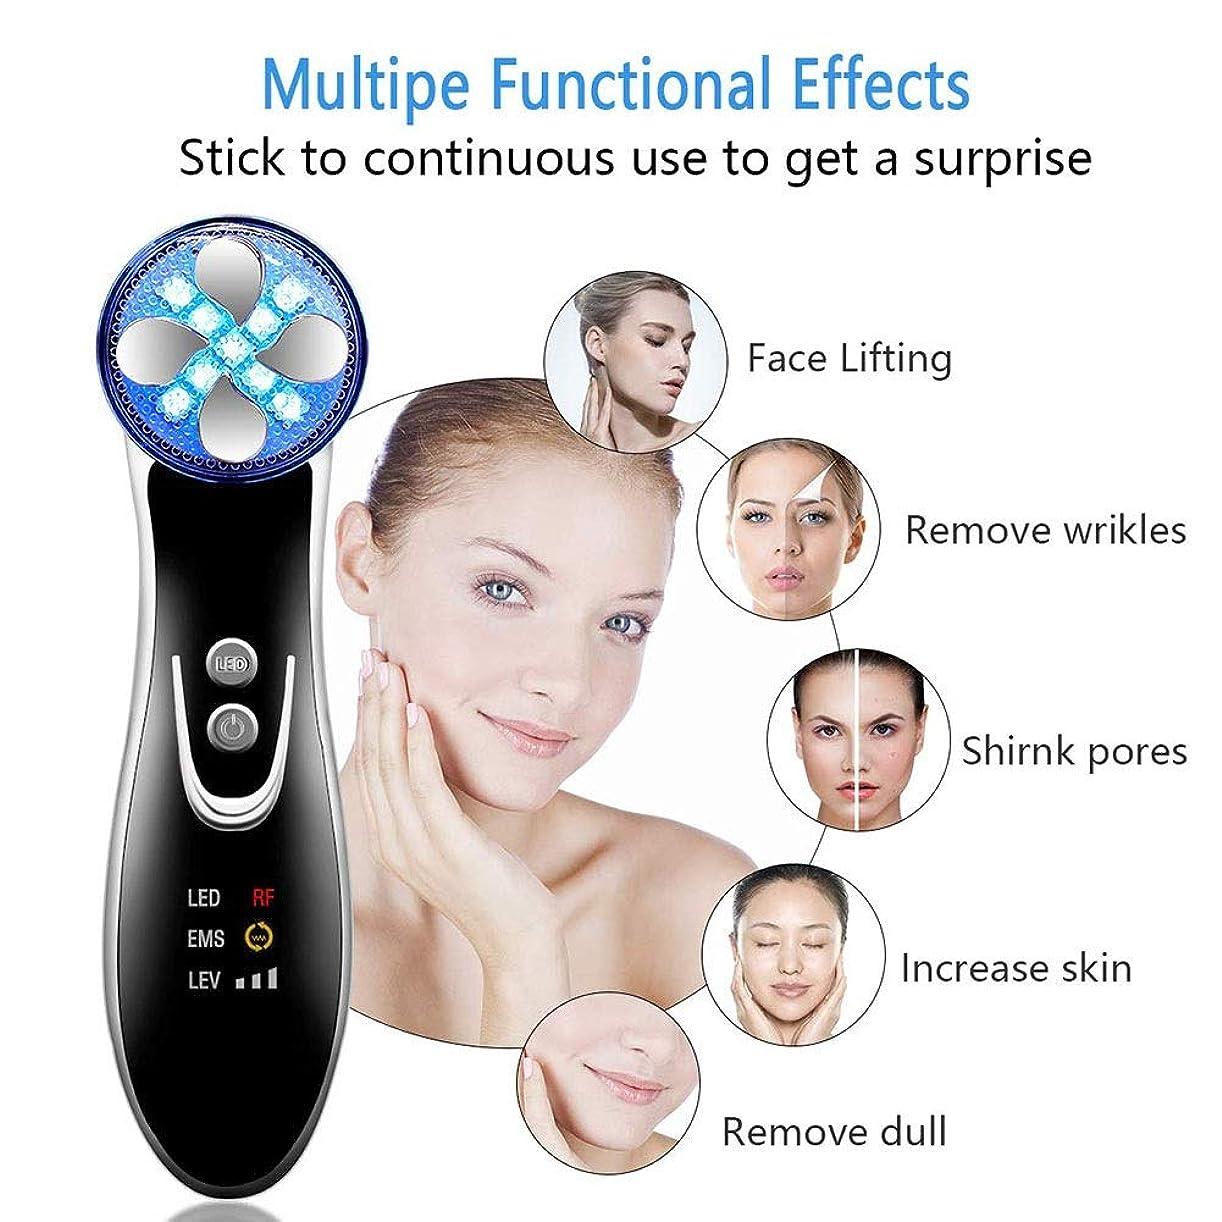 電極黒人聖歌4イン1フェイスリフト機、高周波アンチエージングデバイス、肌引き締めデバイス?フェイシャルリフティングのための5色の顔EMS用ライトしわのマッサージは、スキンケア振動美容インストゥルメントを削除します (Color : 黒)